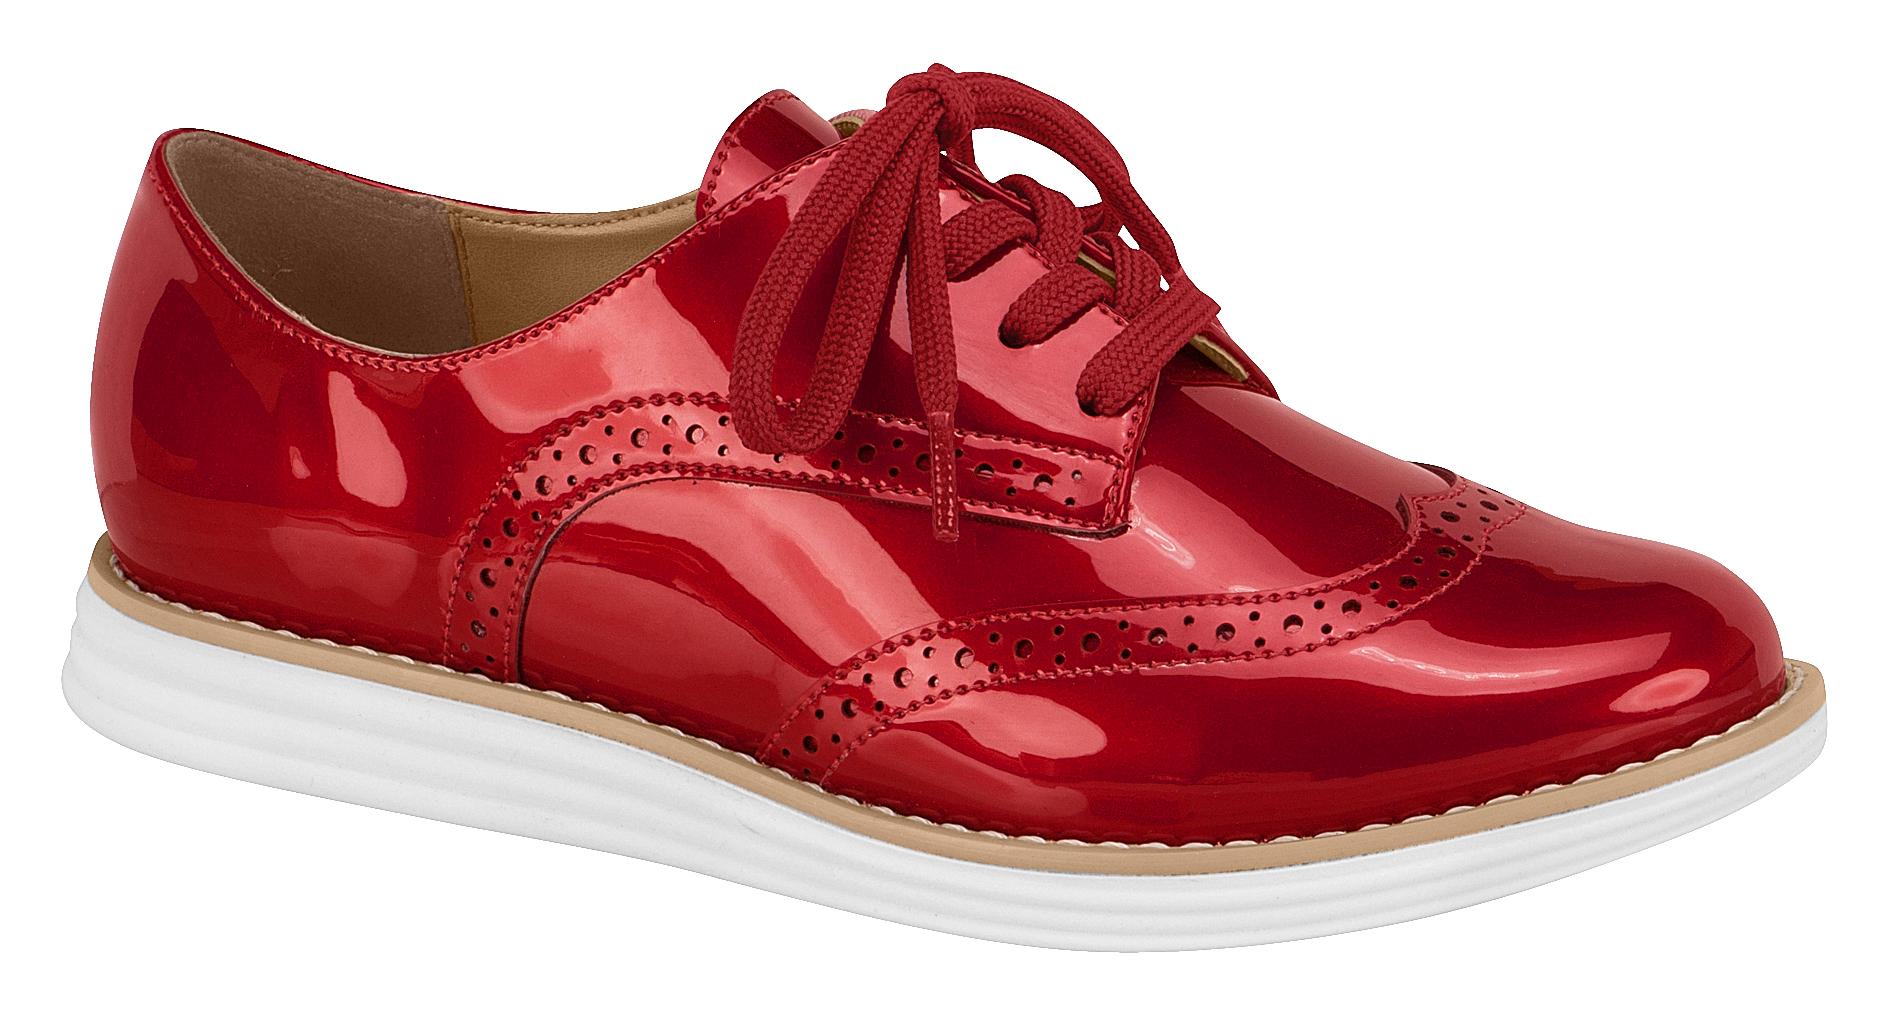 Vizzano Oxford metalizado vermelho 1231-101-11808-2 - R$ 154,90